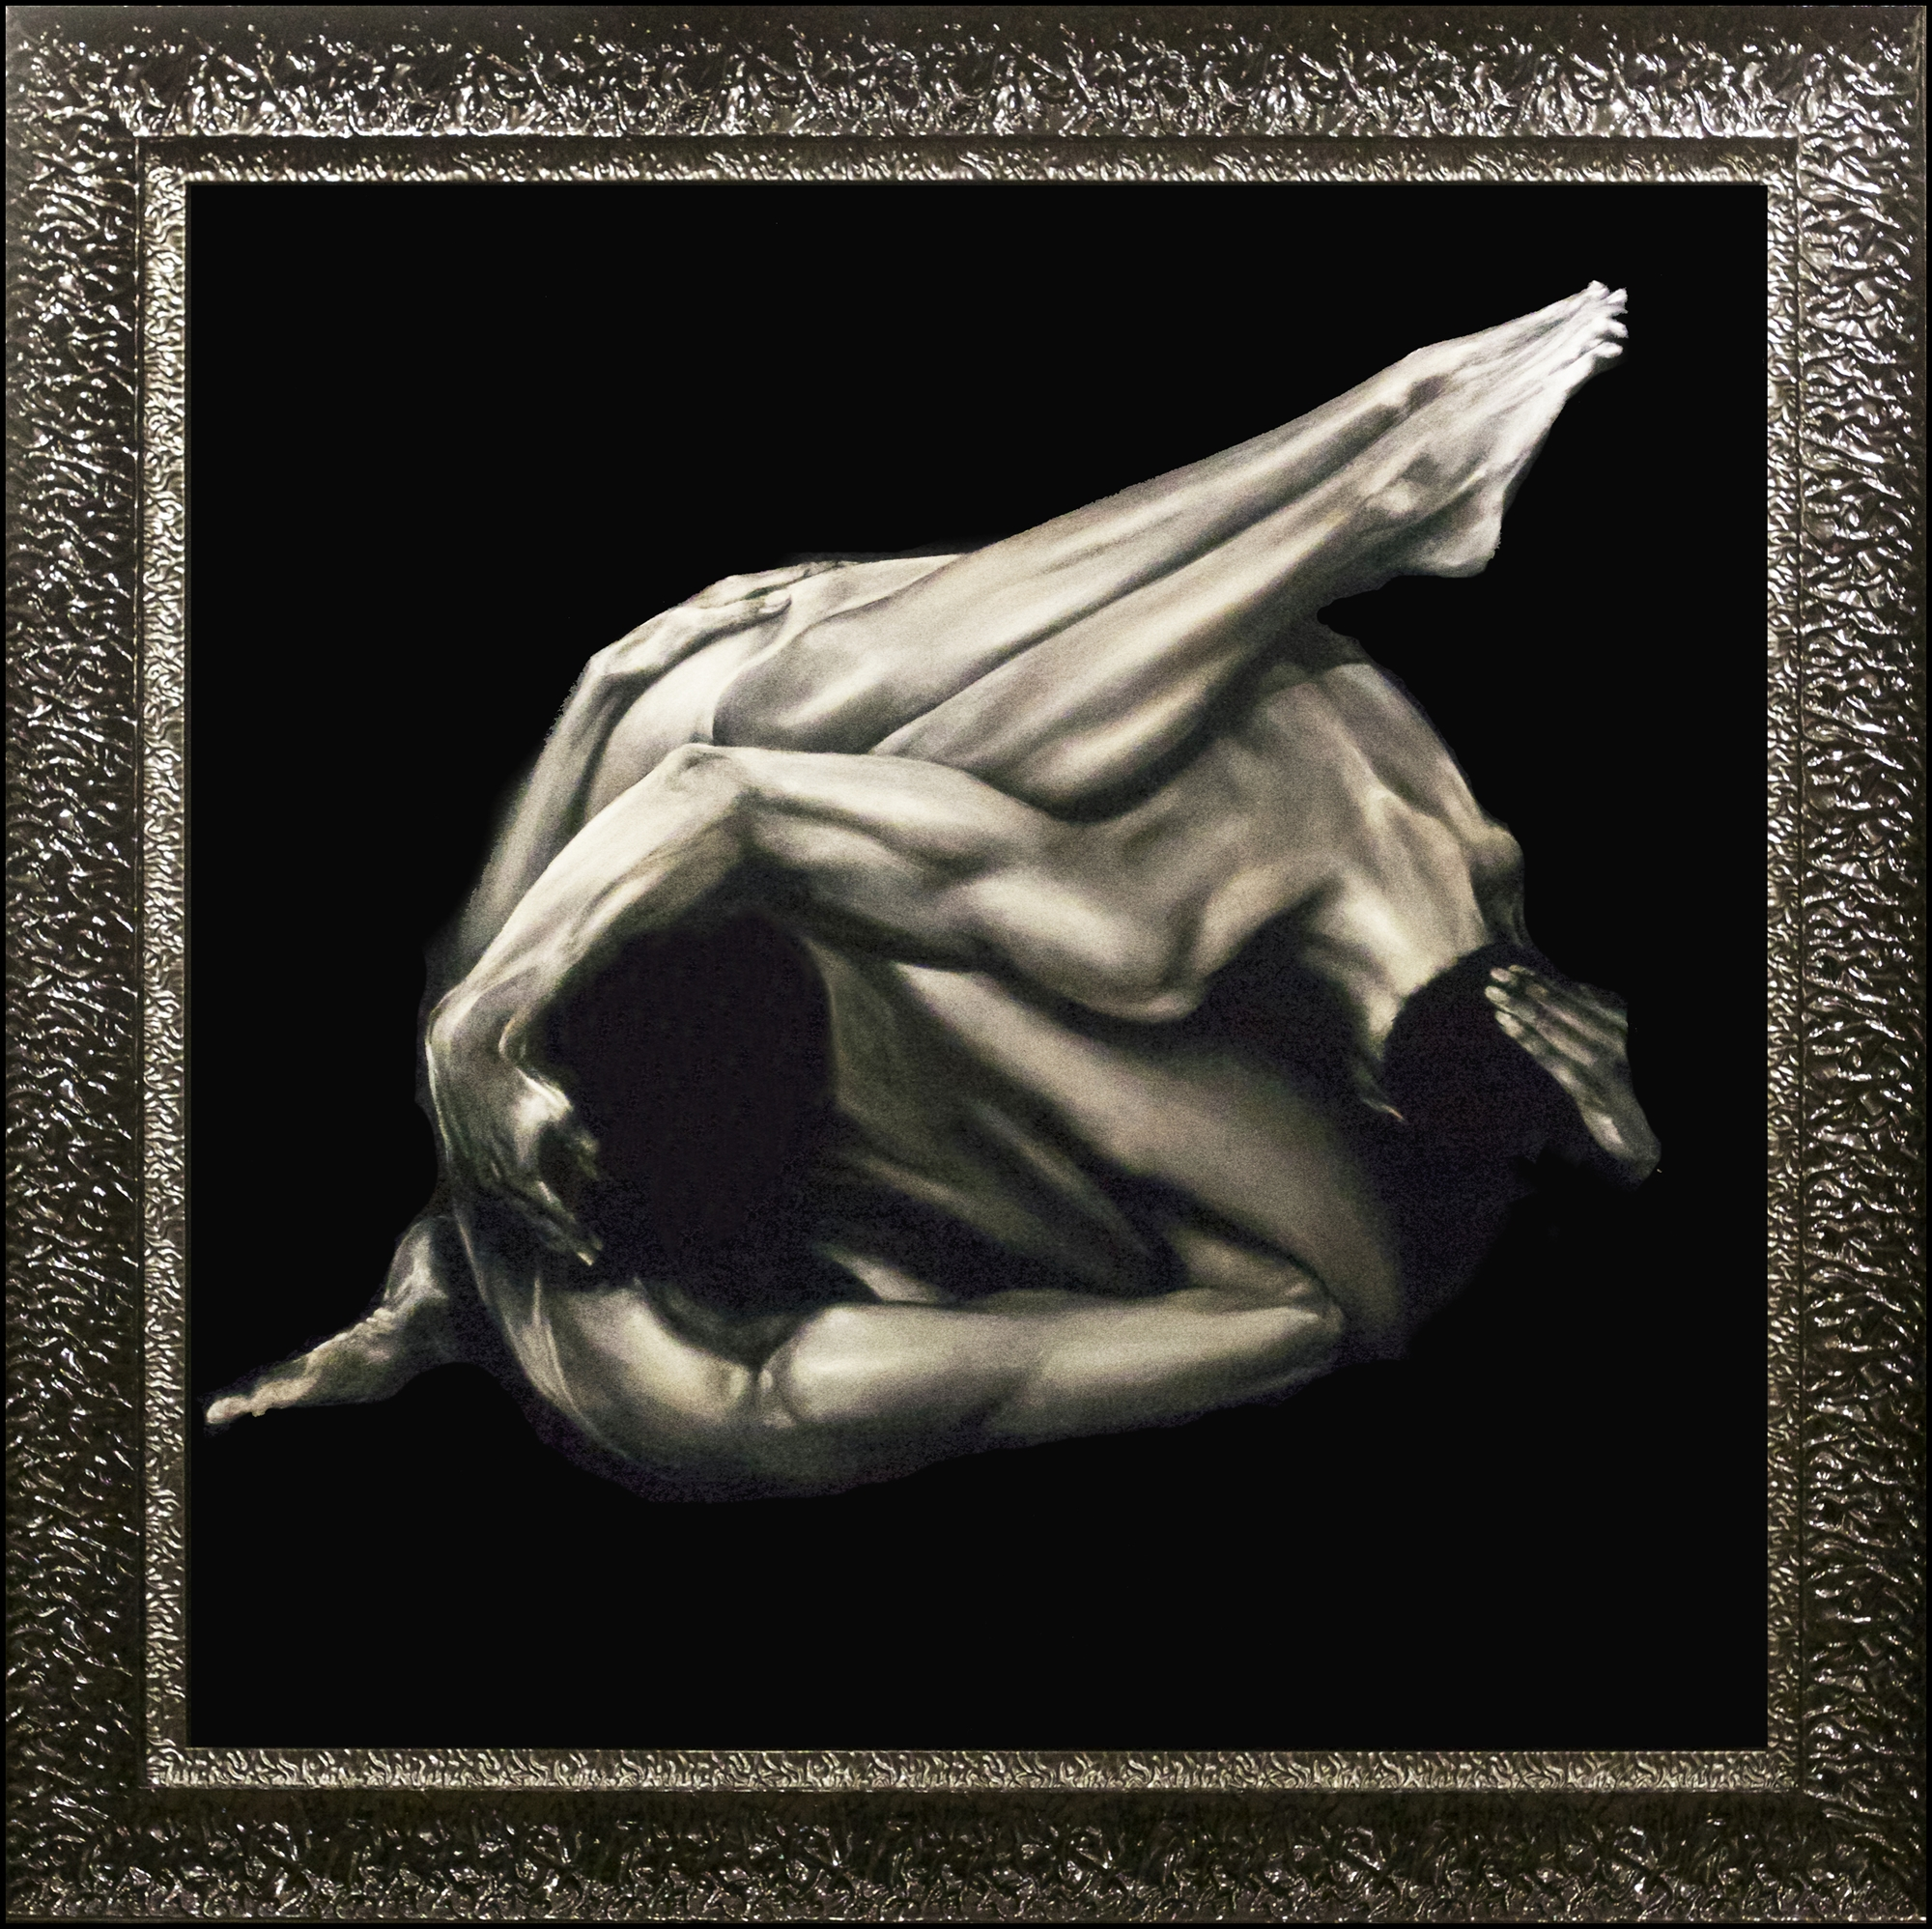 Human Knot on Metal by Bill Mack